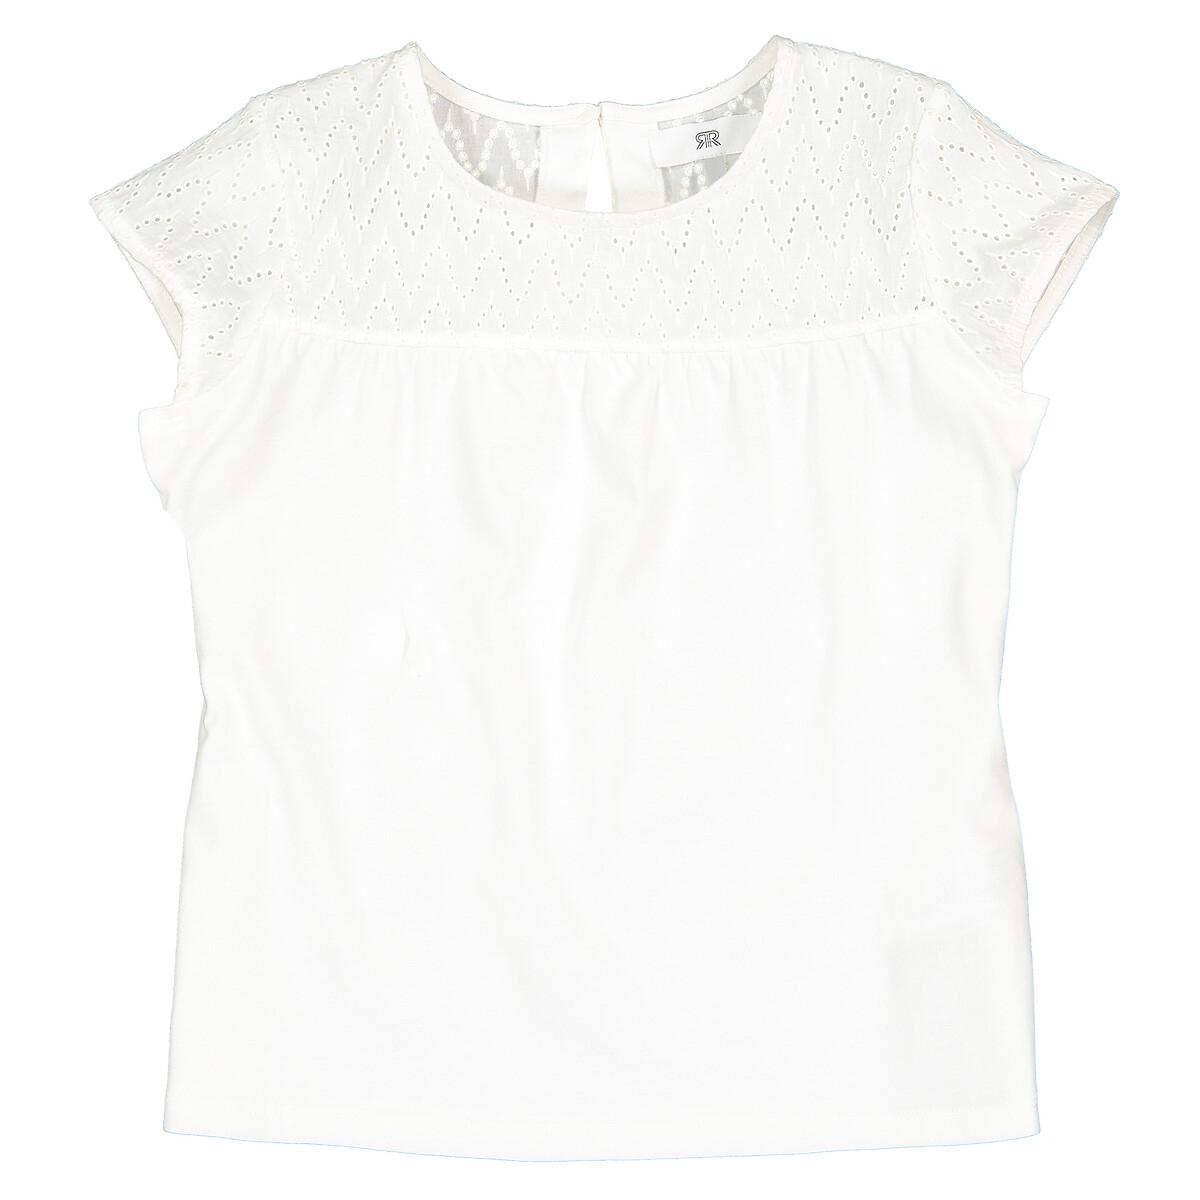 Футболка La Redoute С английской вышивкой 4 года - 102 см бежевый блузка la redoute с отложным воротником с вышивкой мес года 1 мес 54 см красный